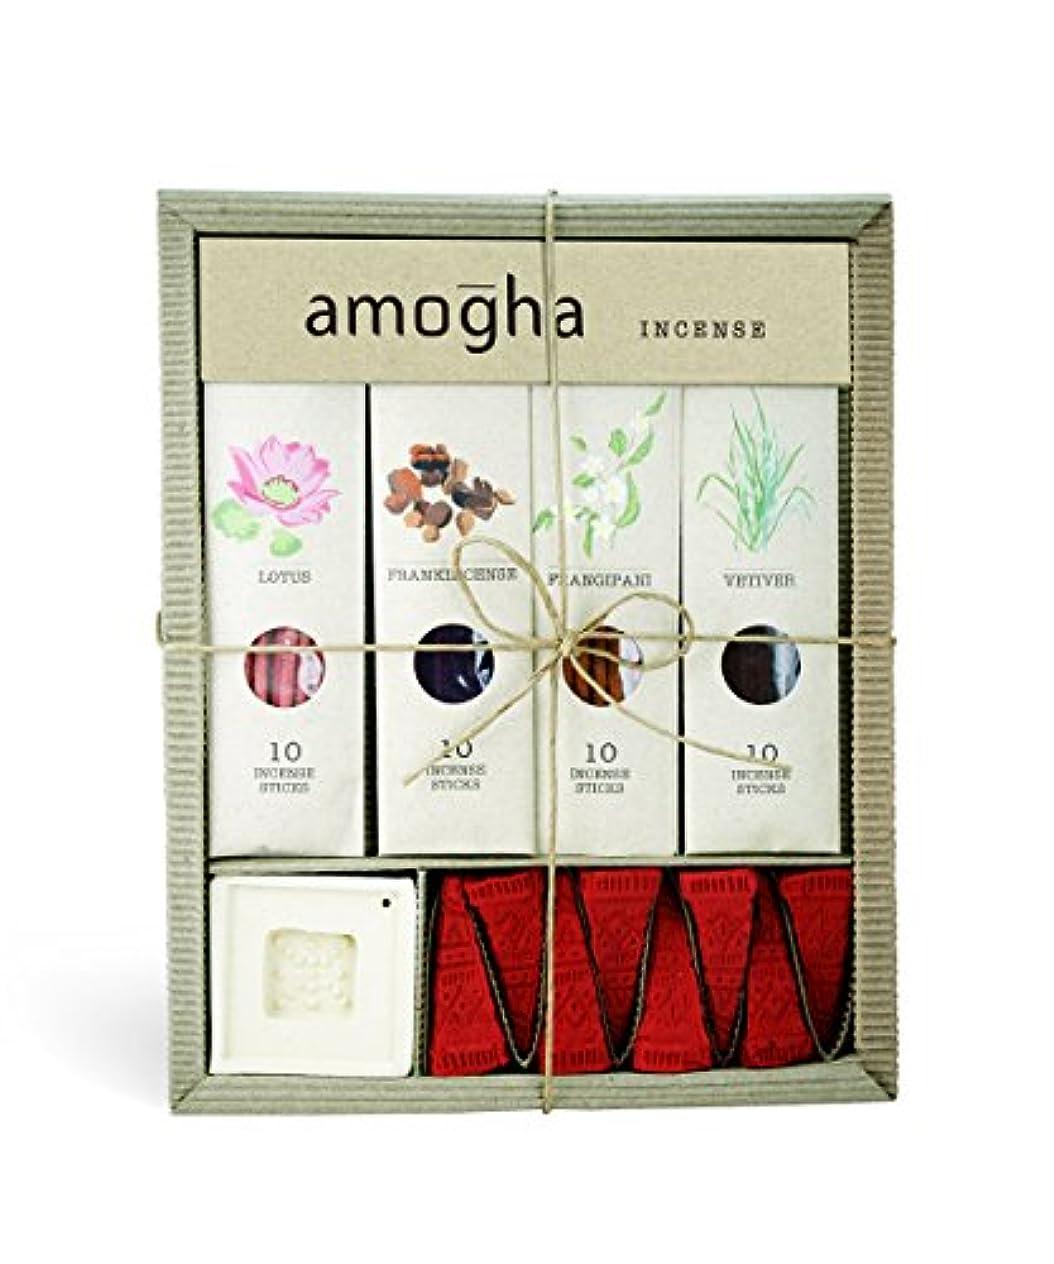 青写真気まぐれな医薬Iris Amogha Incense with 10 Sticks - Lotus, Frankincense, Frangipani & Vetiver Gift Set